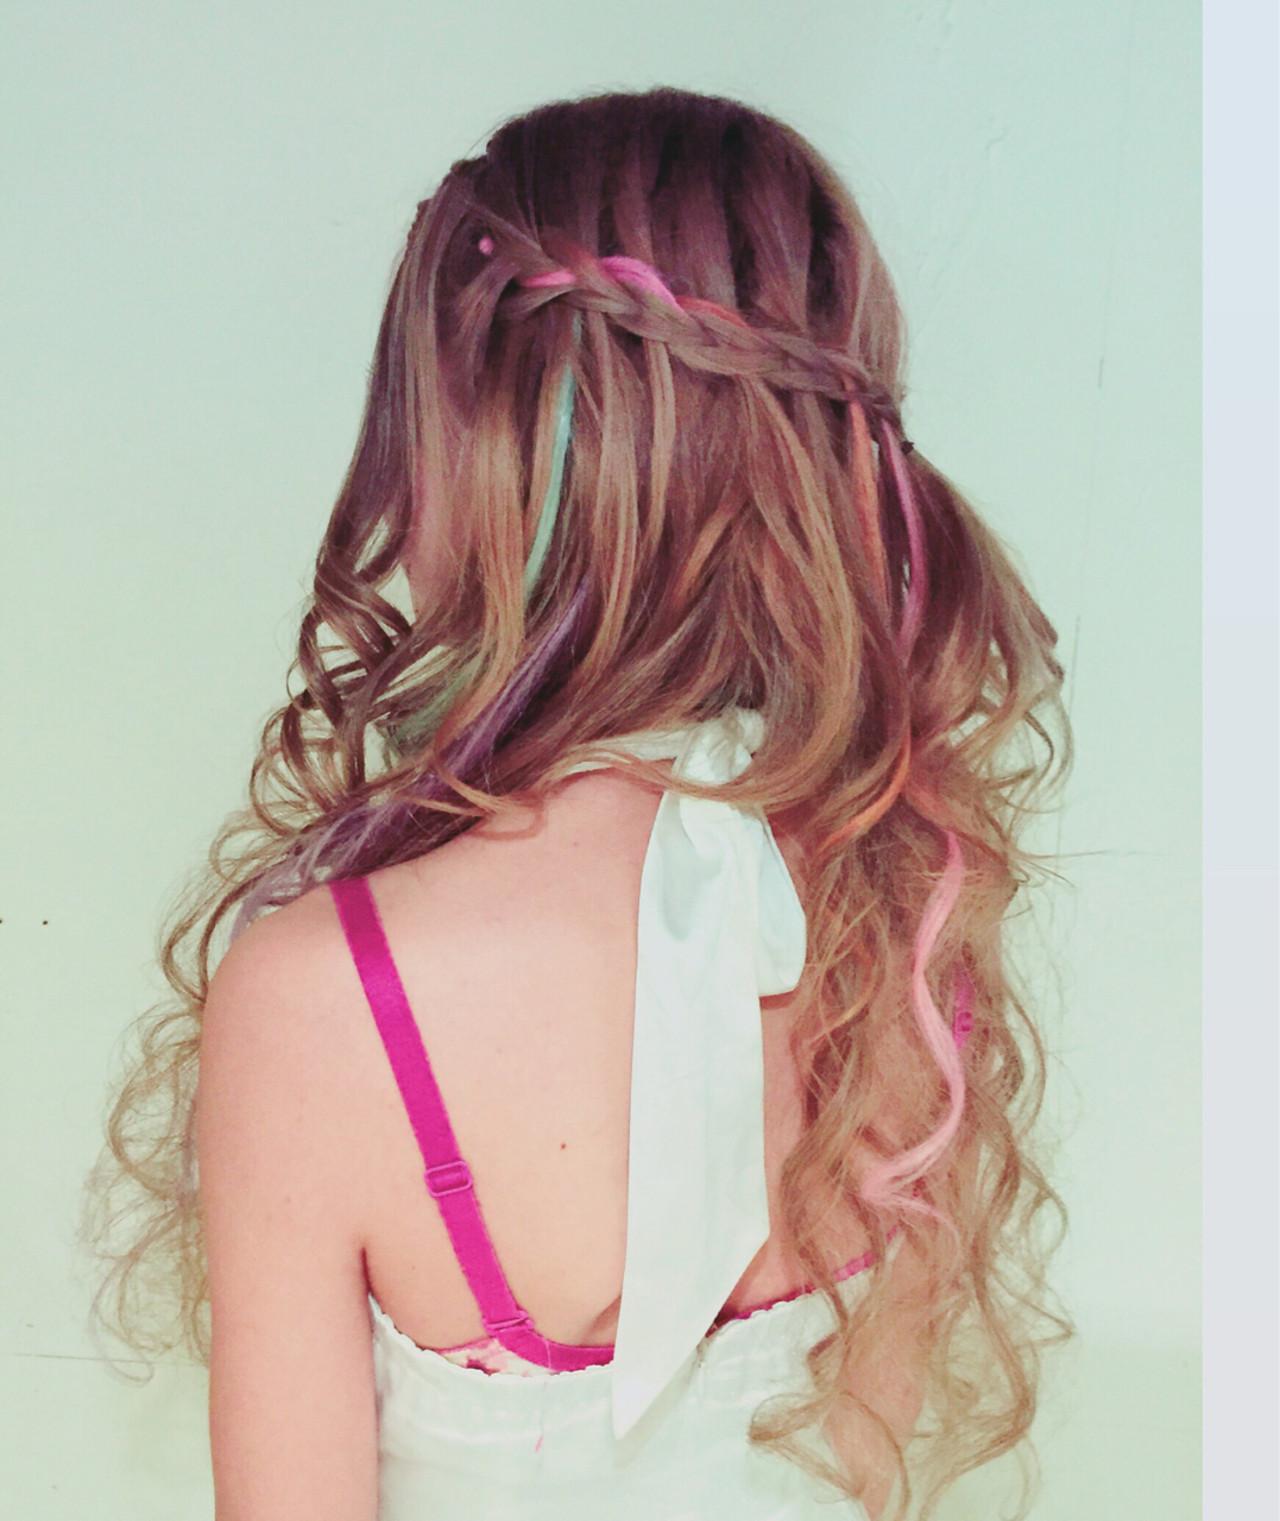 髪を春色に!パステルカラーで超絶可愛いヘアをGET♡ ナミナミ / BELLE GROW GROUP